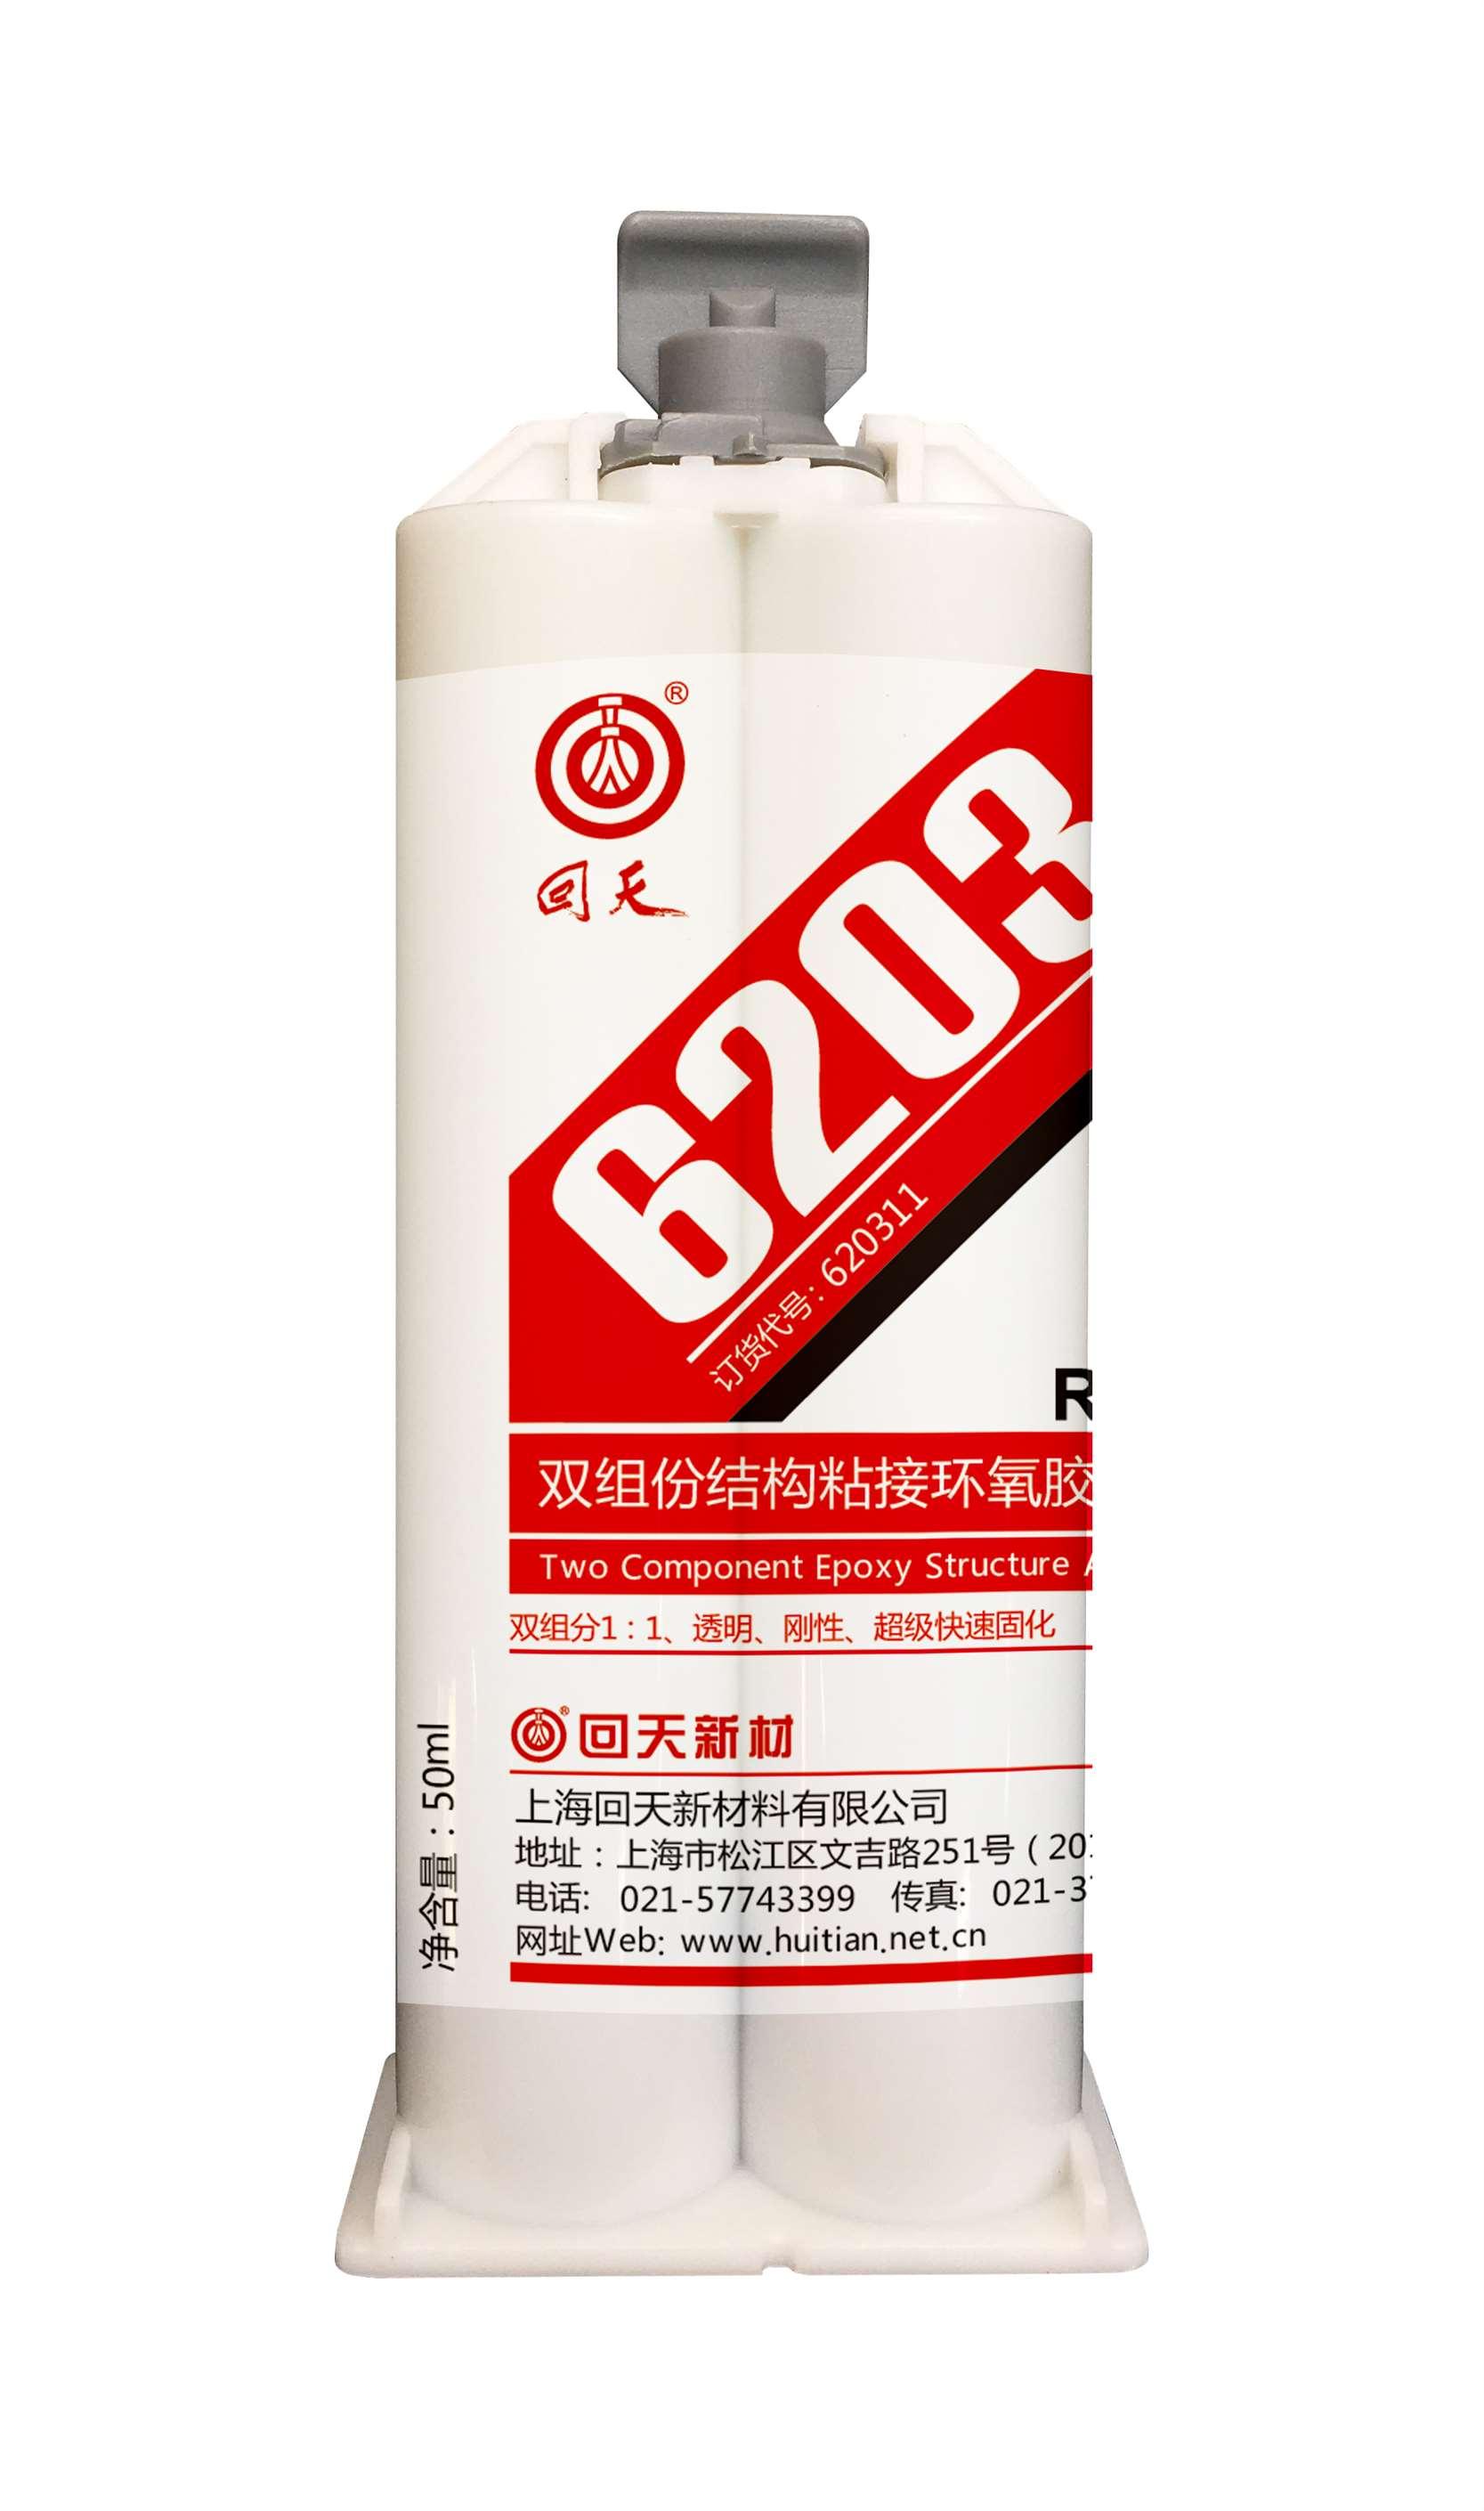 代理回天HT-6203 雙組份室溫固化結構粘接環氧膠